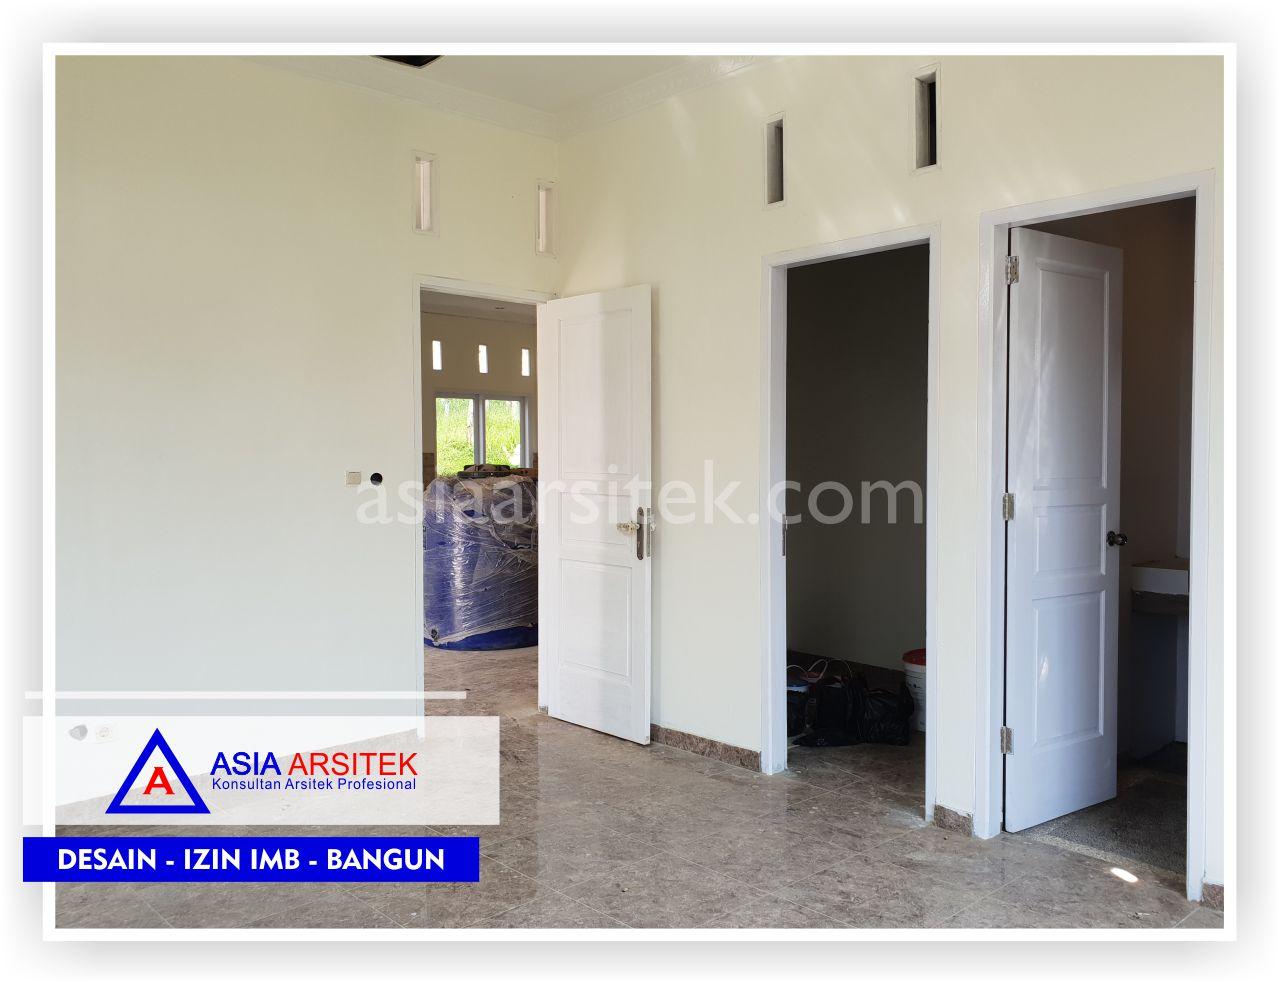 Interior Rumah Arsitektur Belanda Bu Lisda - Arsitek Desain Rumah Klasik Mewah - Rumah Minimalis Modern Di Bandung-Tangerang-Bogor-Bekasi-Jakarta-Jasa Konsultan Desain Arsitek Profesional (1)